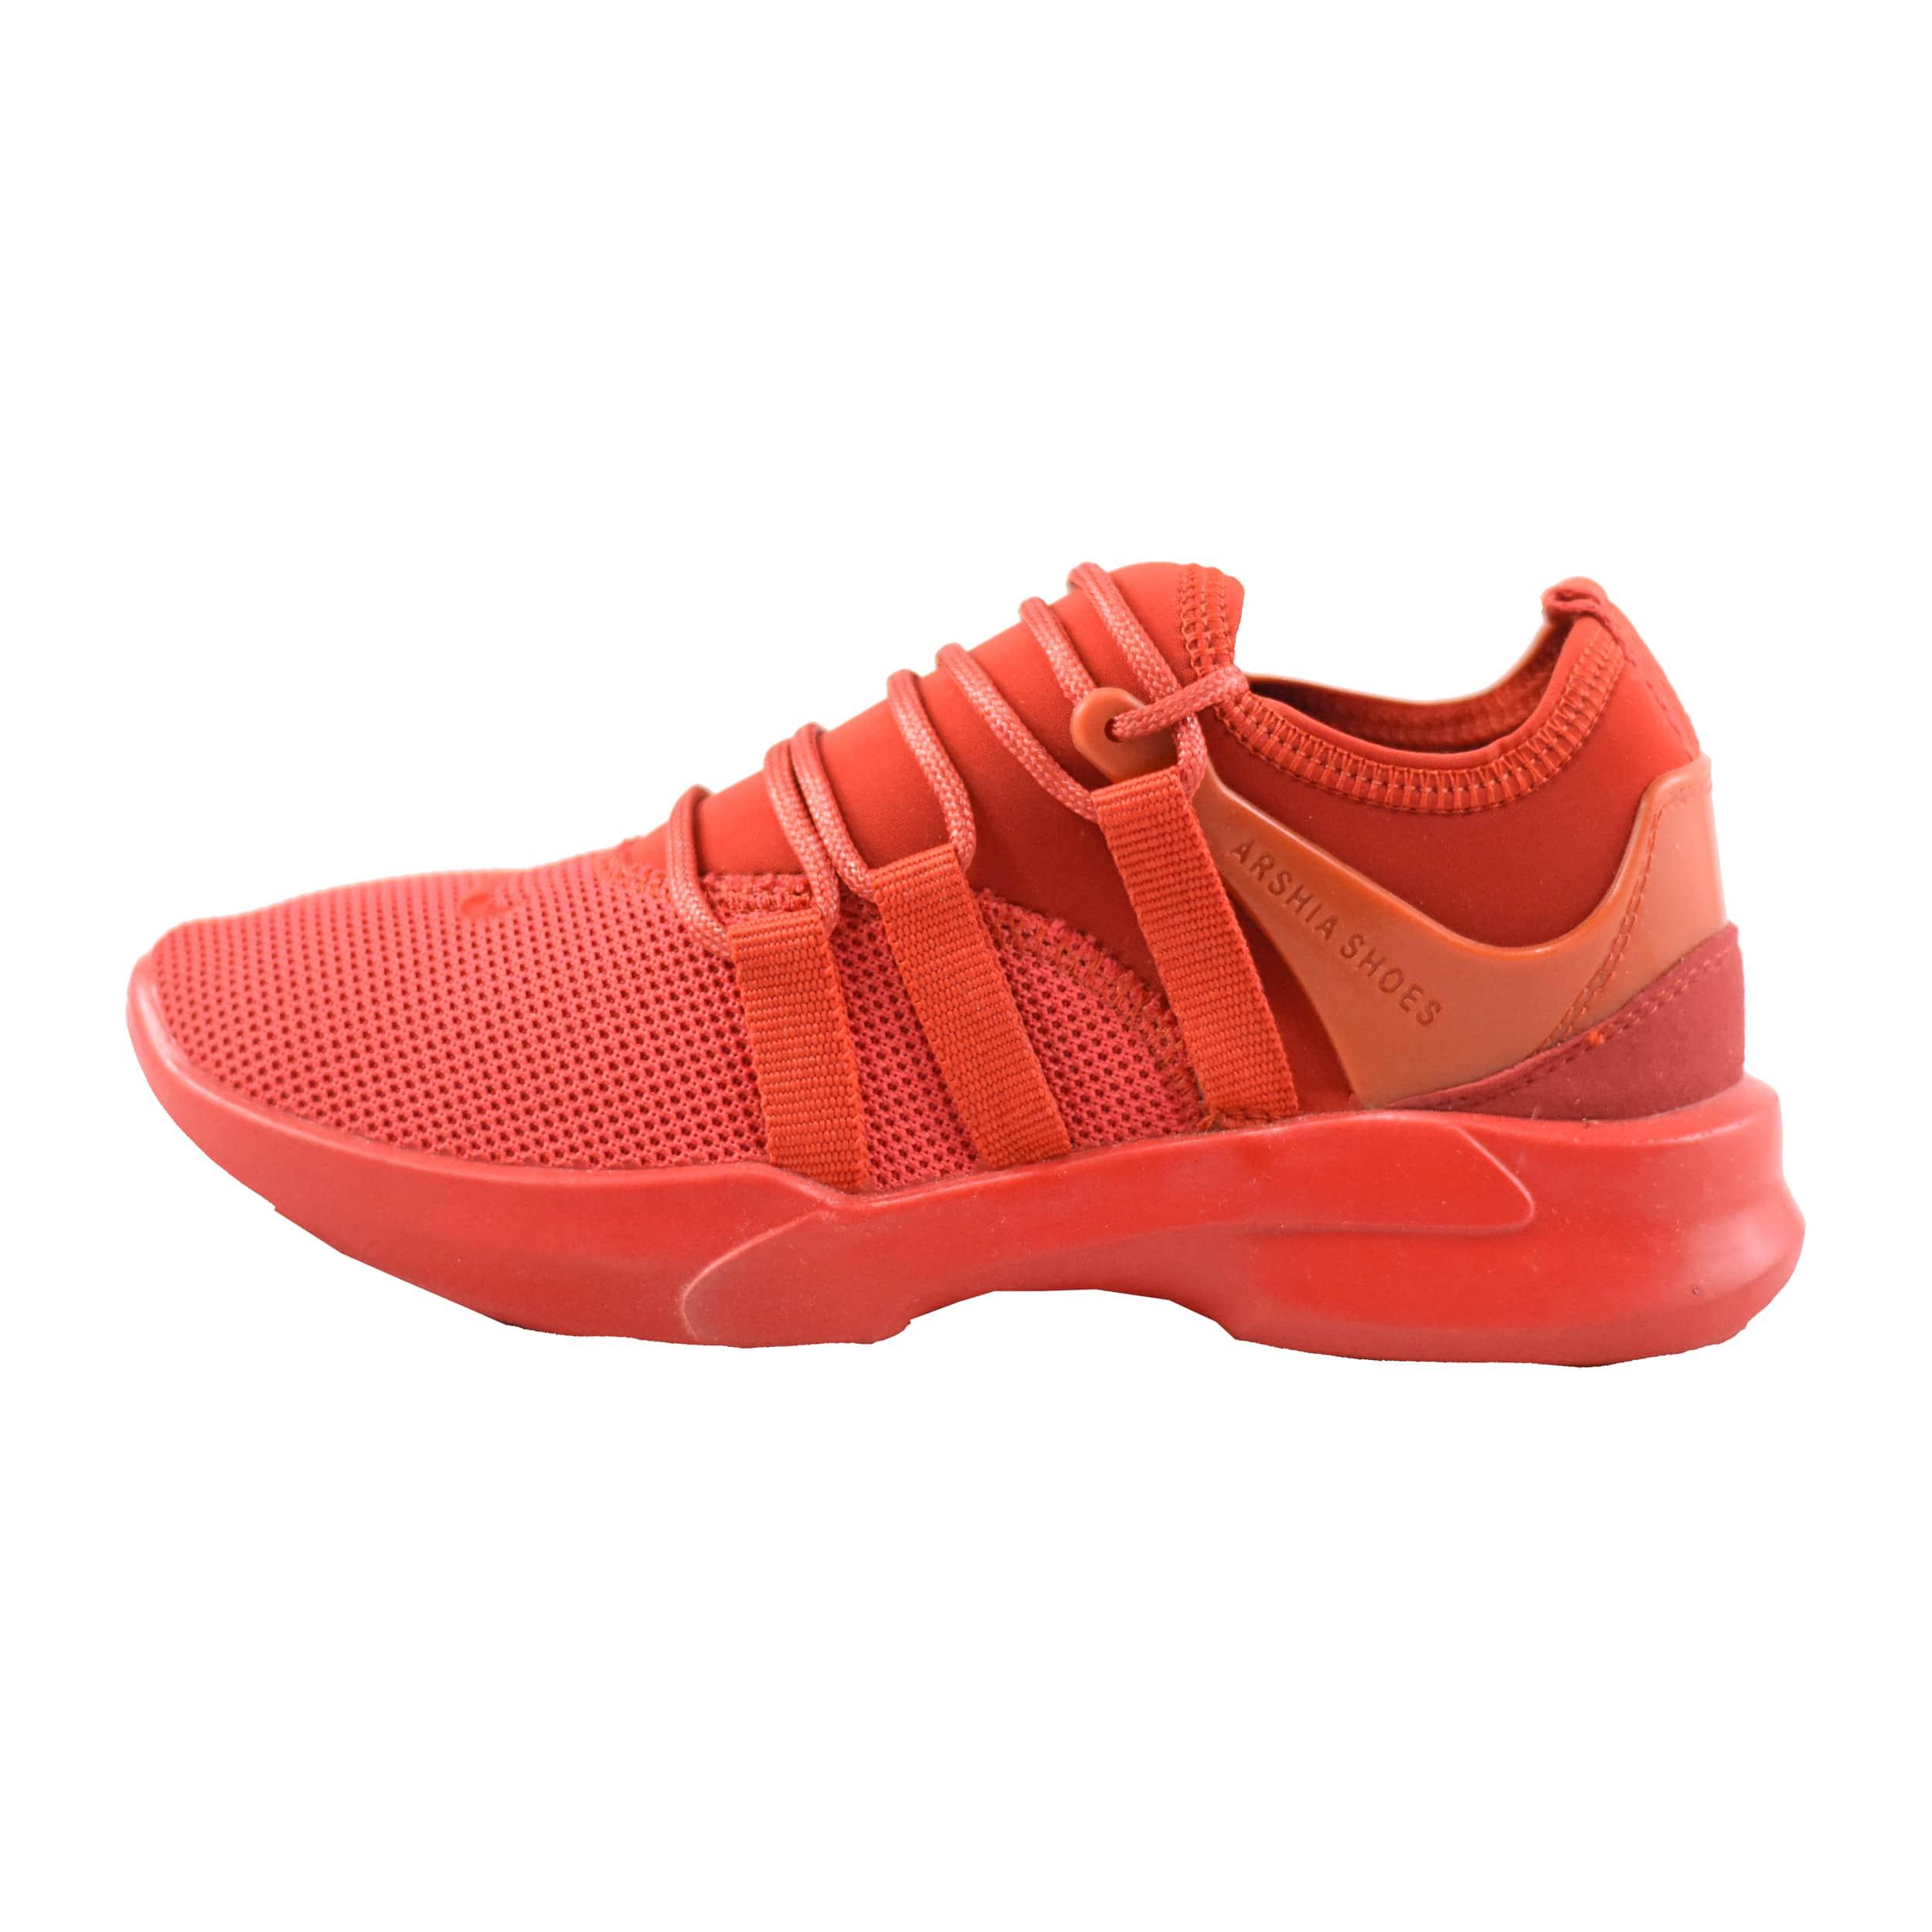 کفش مخصوص پیاده روی مردانه کد 194